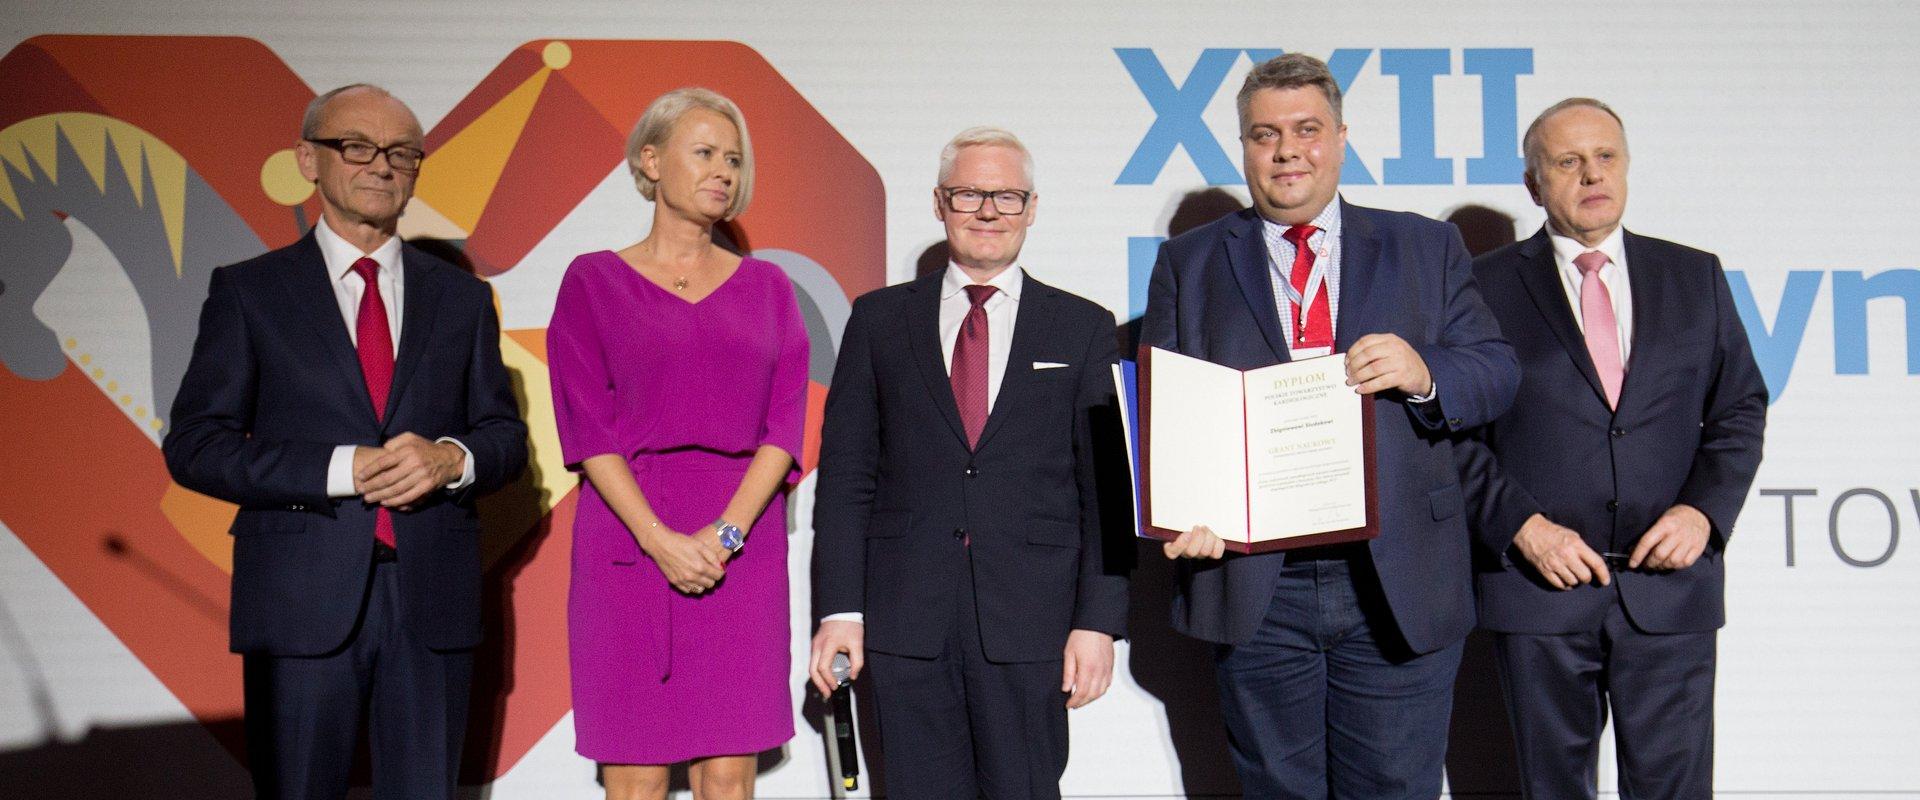 Adamed Z Tytułem Partner Polskiej Kardiologii 2018